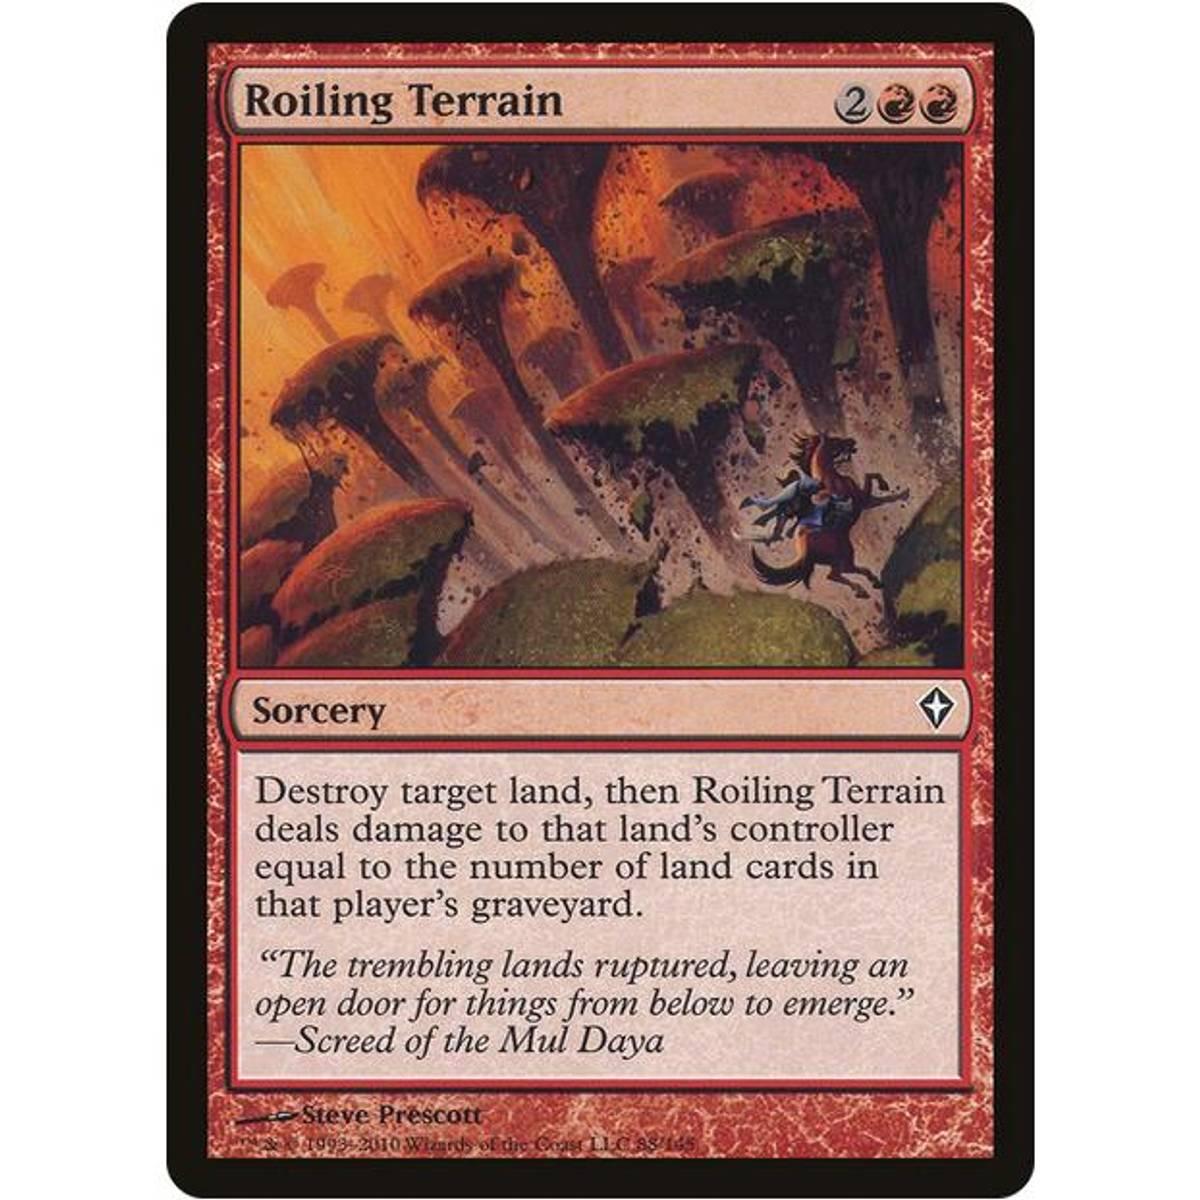 Roiling Terrain